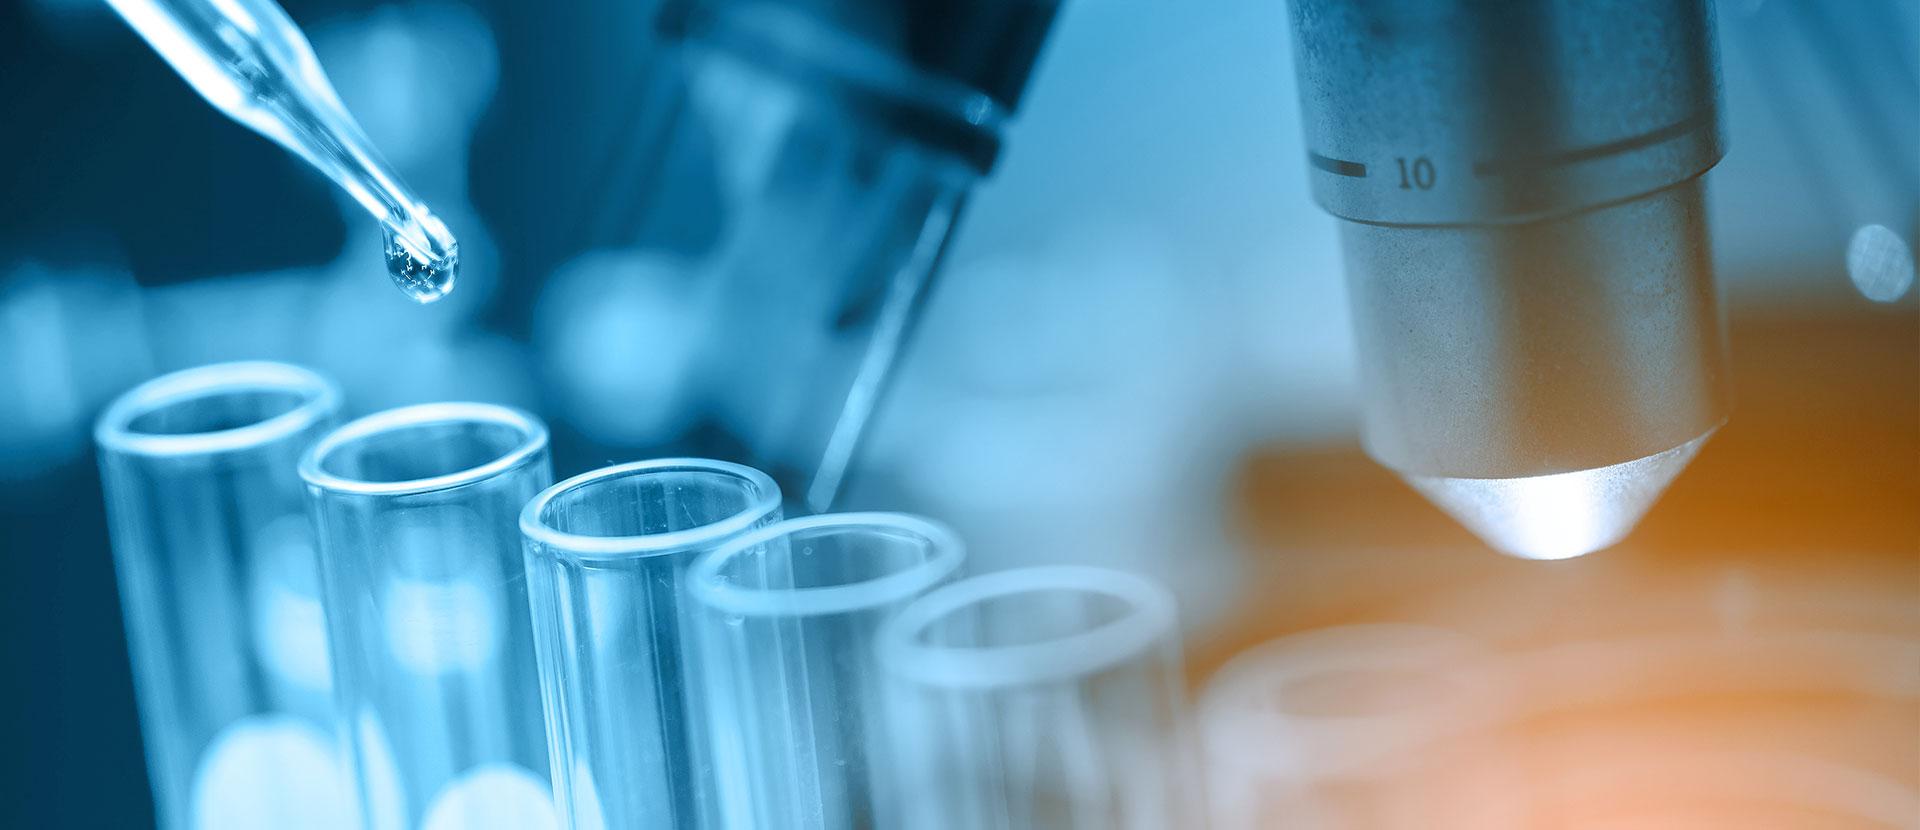 Ökologisches Xtraice | Herstellung mit Spitzentechnologie